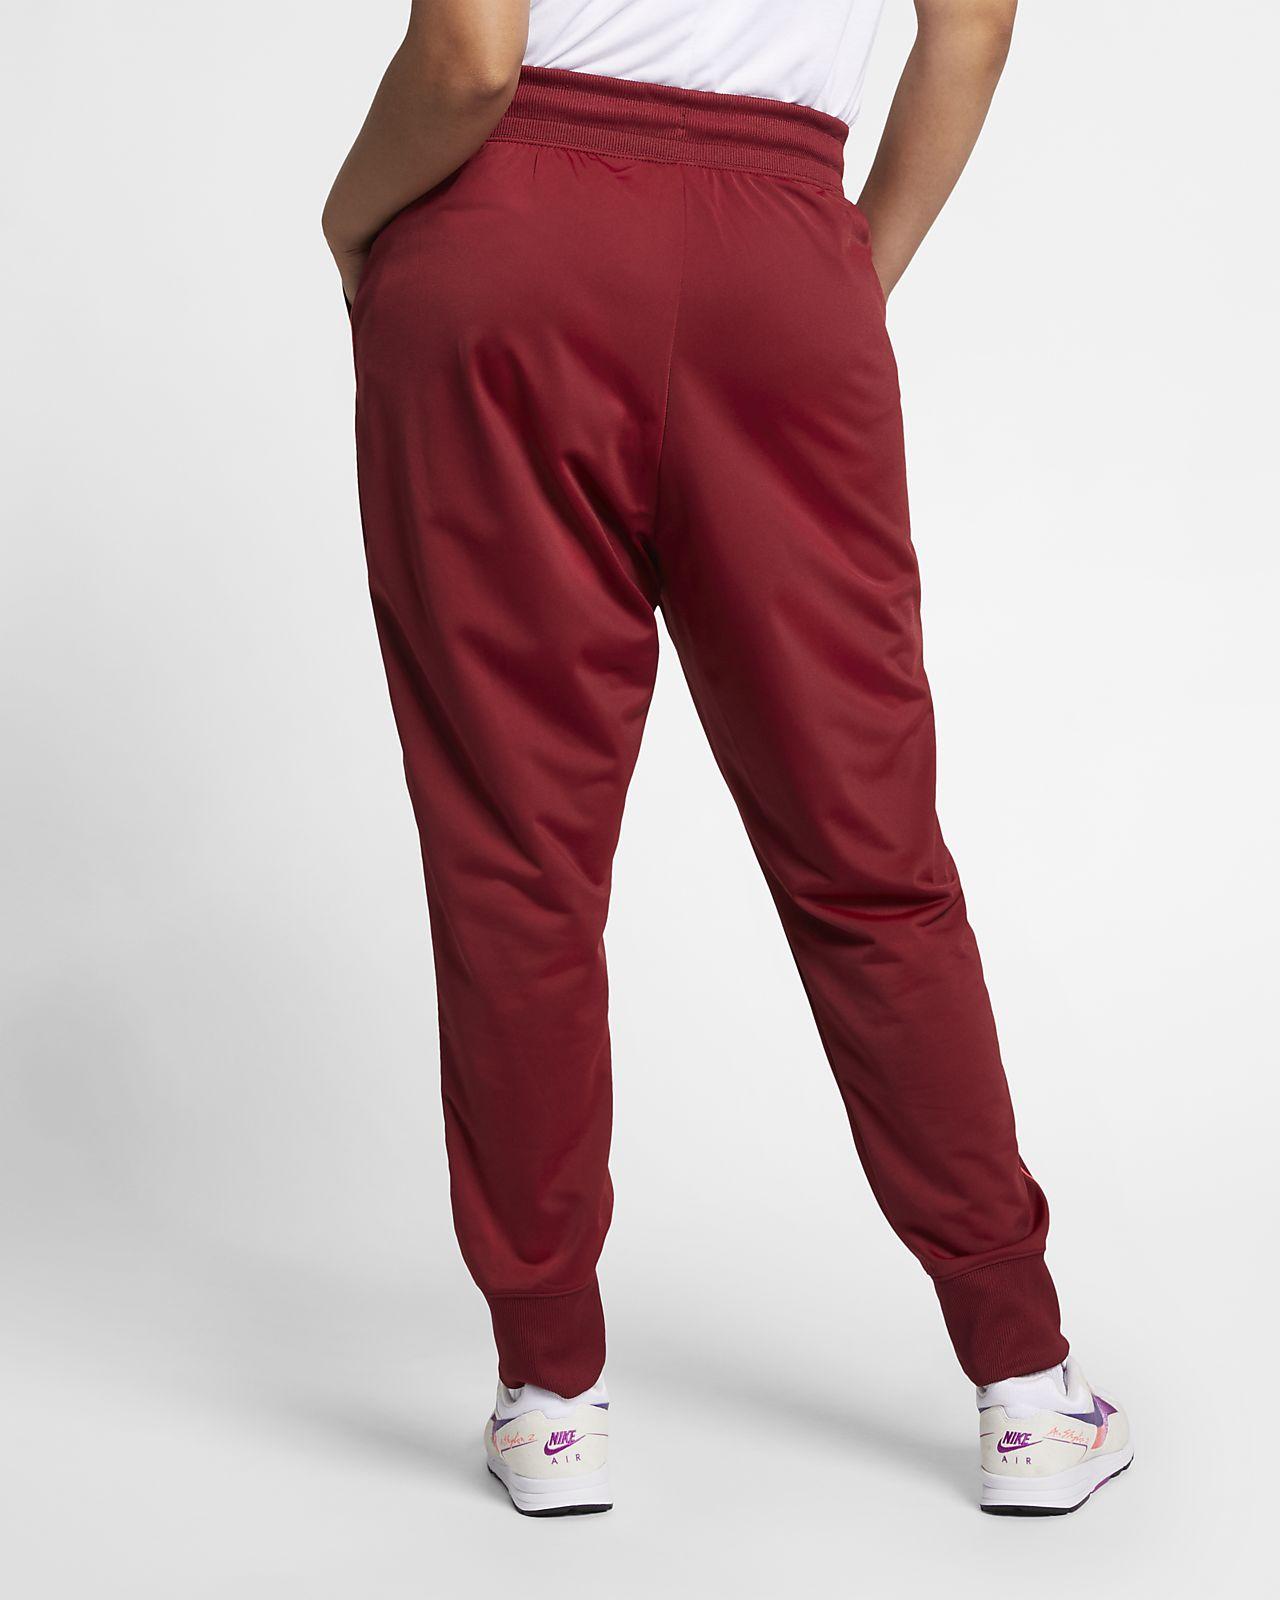 Blauwe Joggingbroek Dames.Nike Sportswear Heritage Joggingbroek Voor Dames Grote Maten Nike